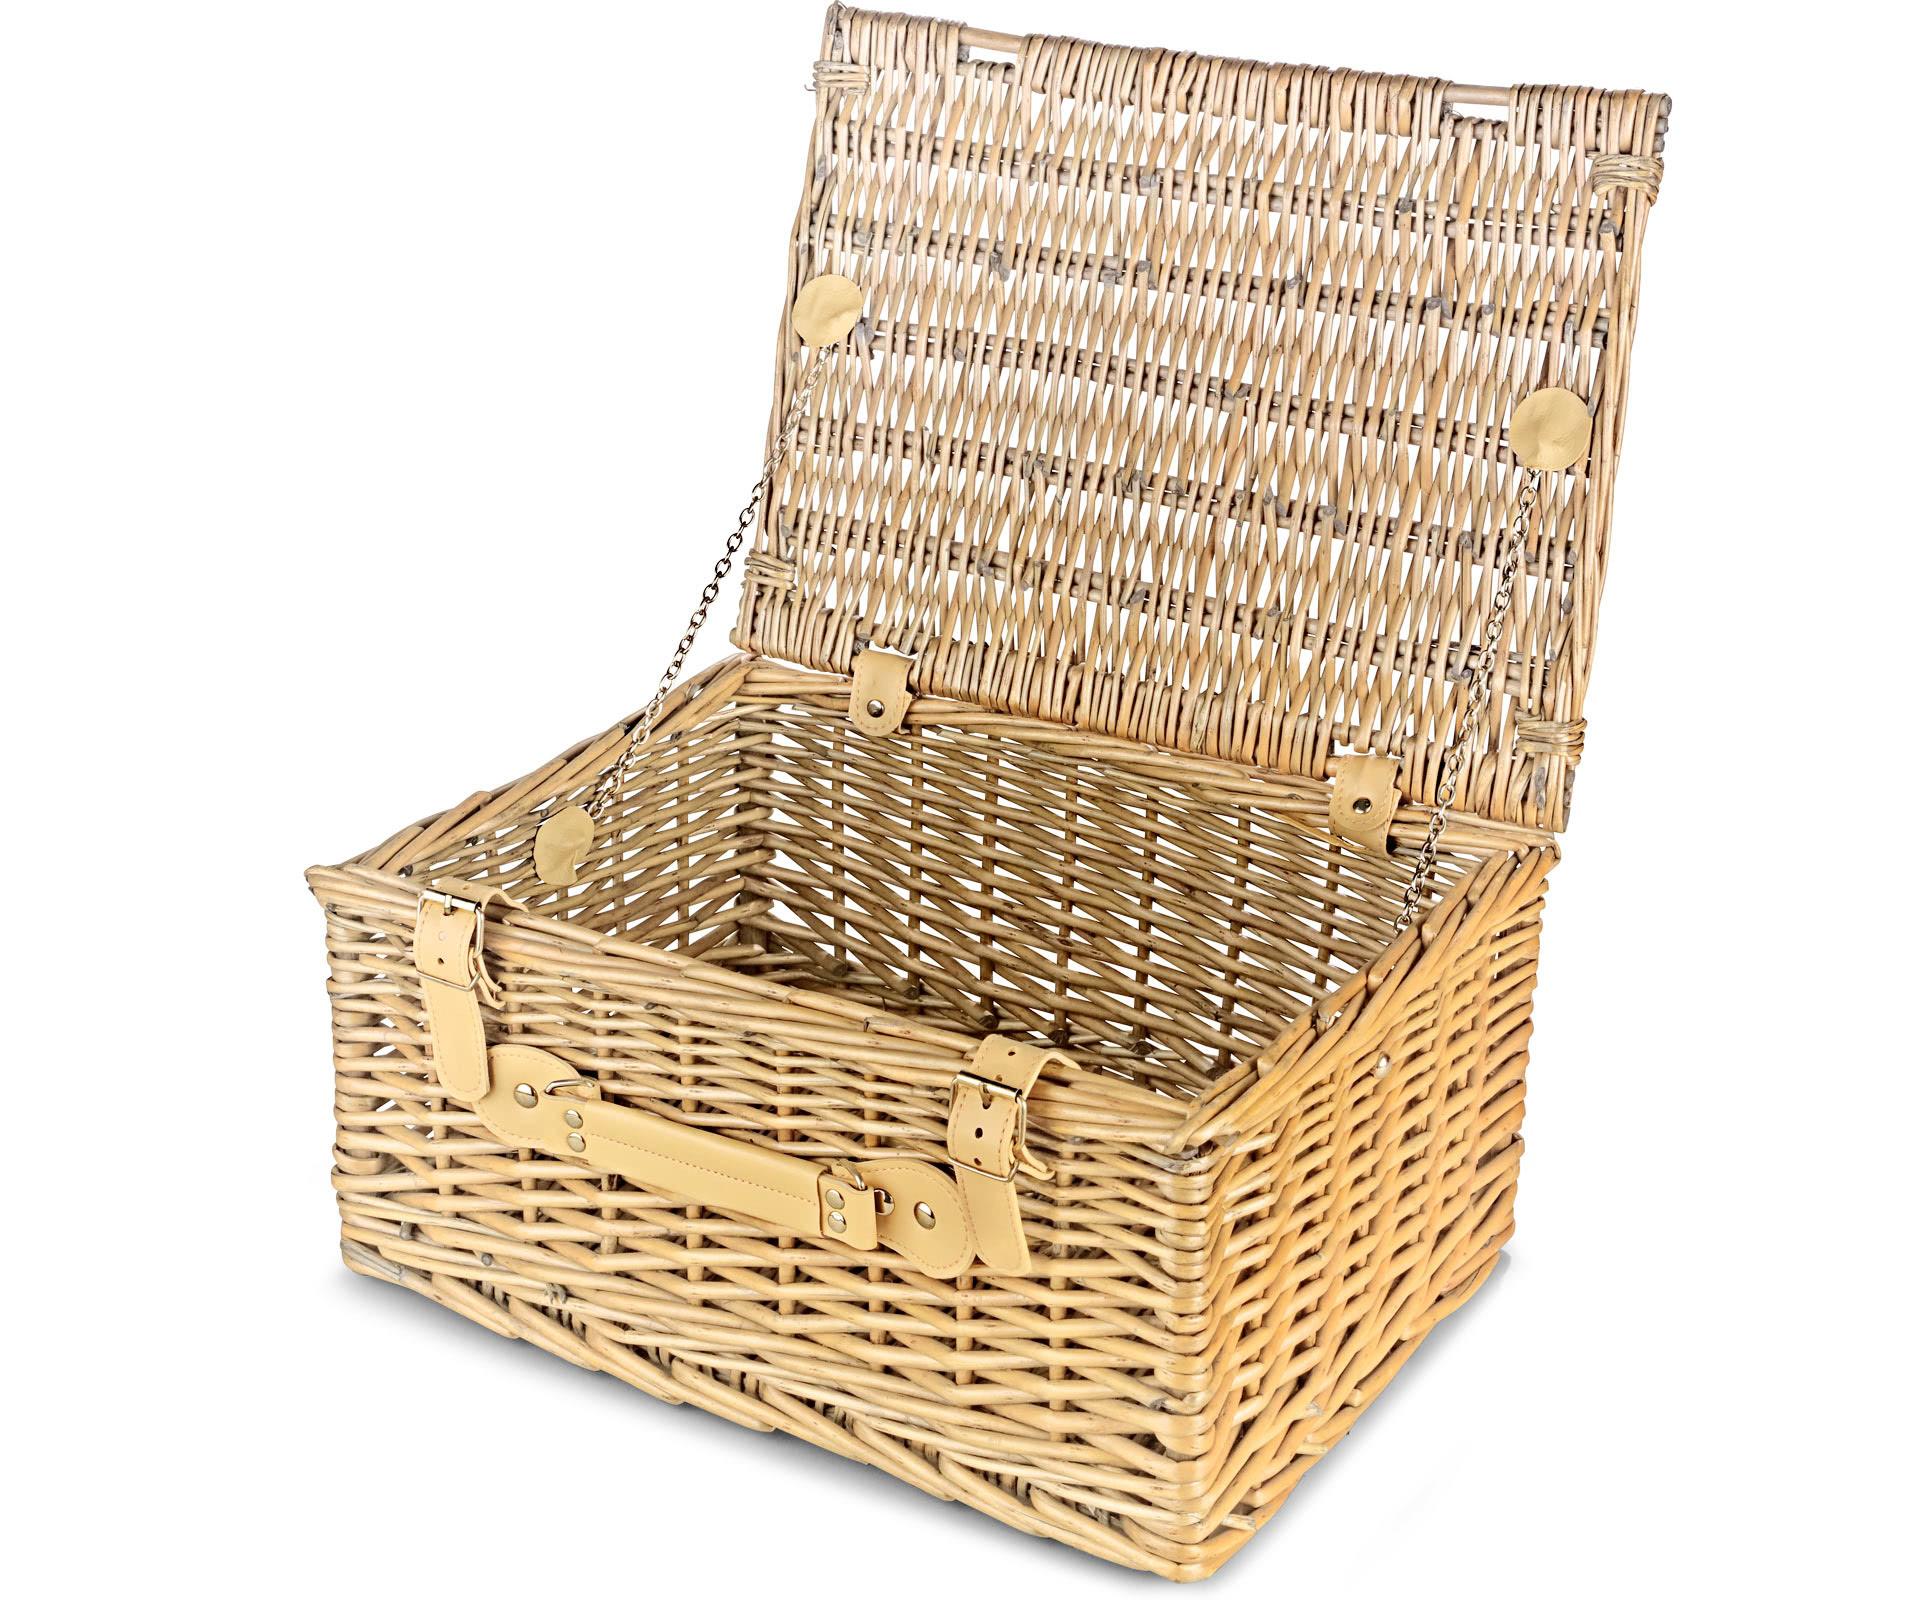 Wicker Hamper Basket The Range : Empty wicker hamper basket lidded large hampers